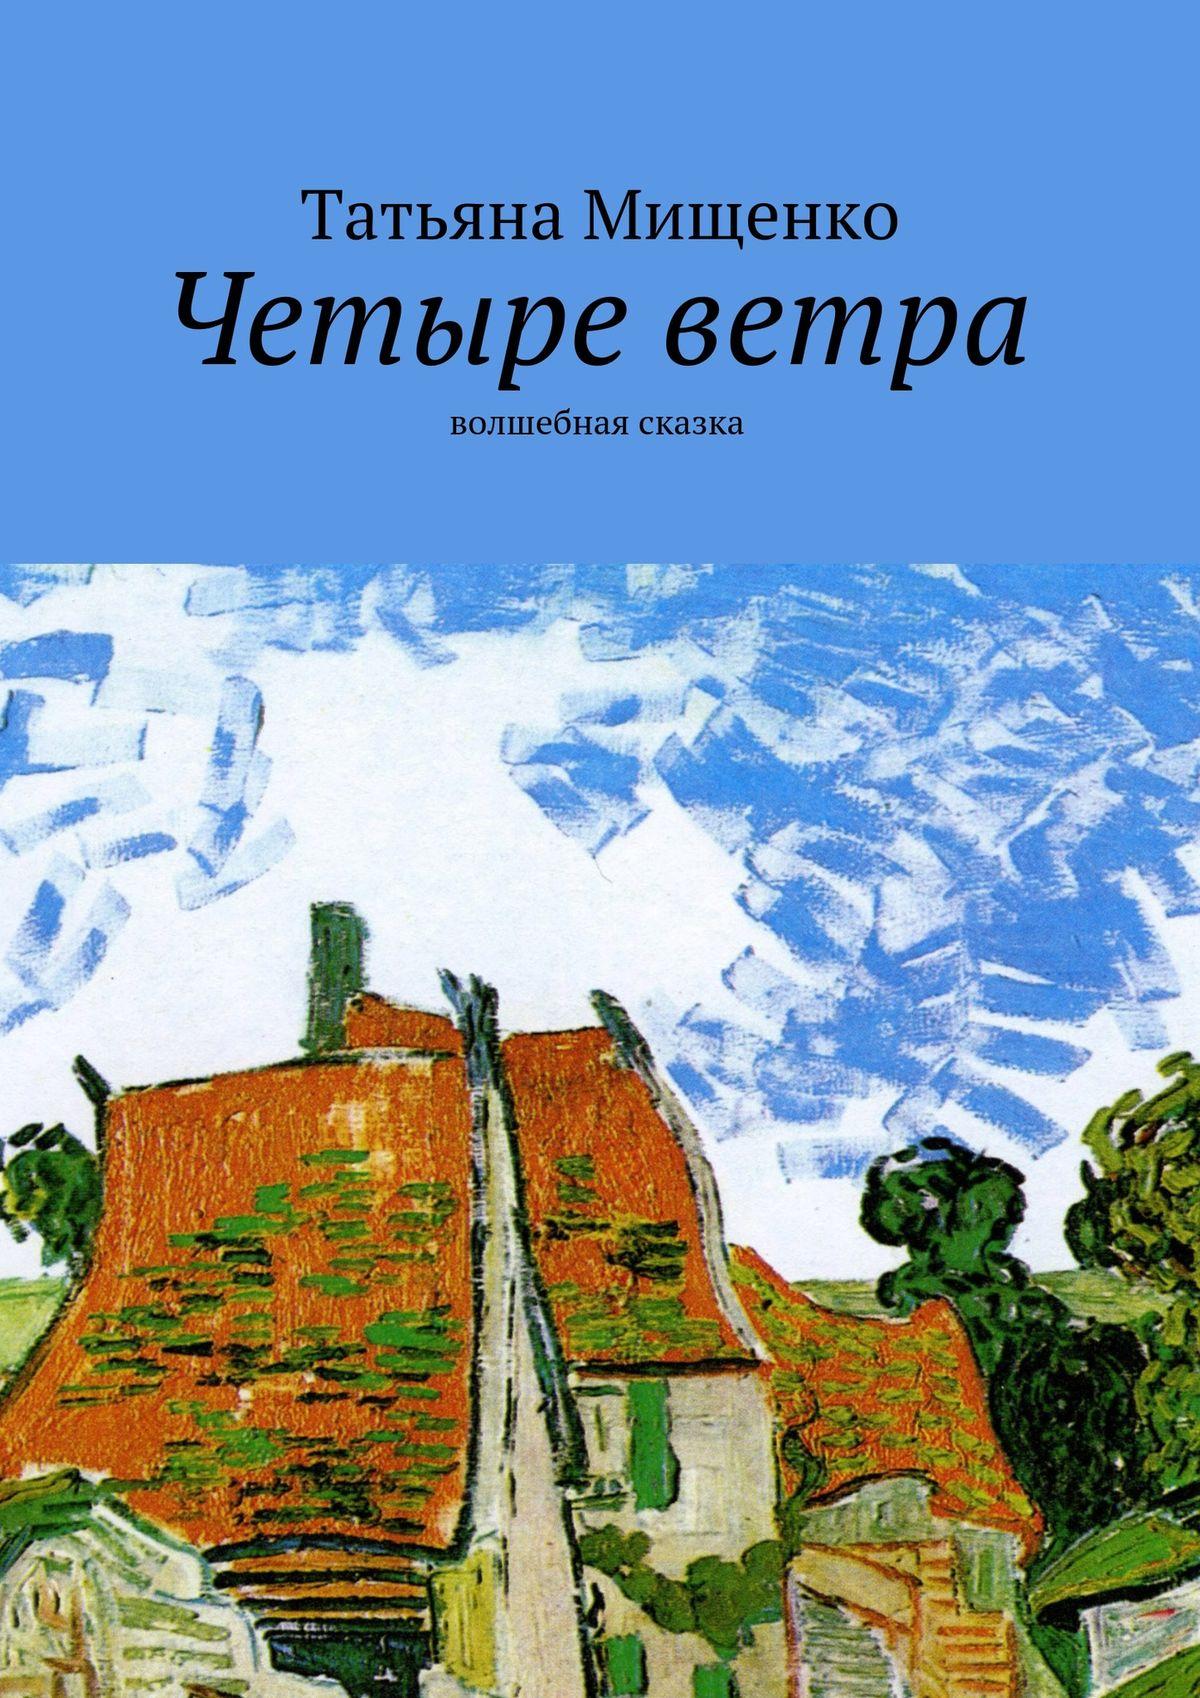 Татьяна Мищенко Четыре ветра. волшебная сказка диплом сертификат на исполнение заветного желания женщине